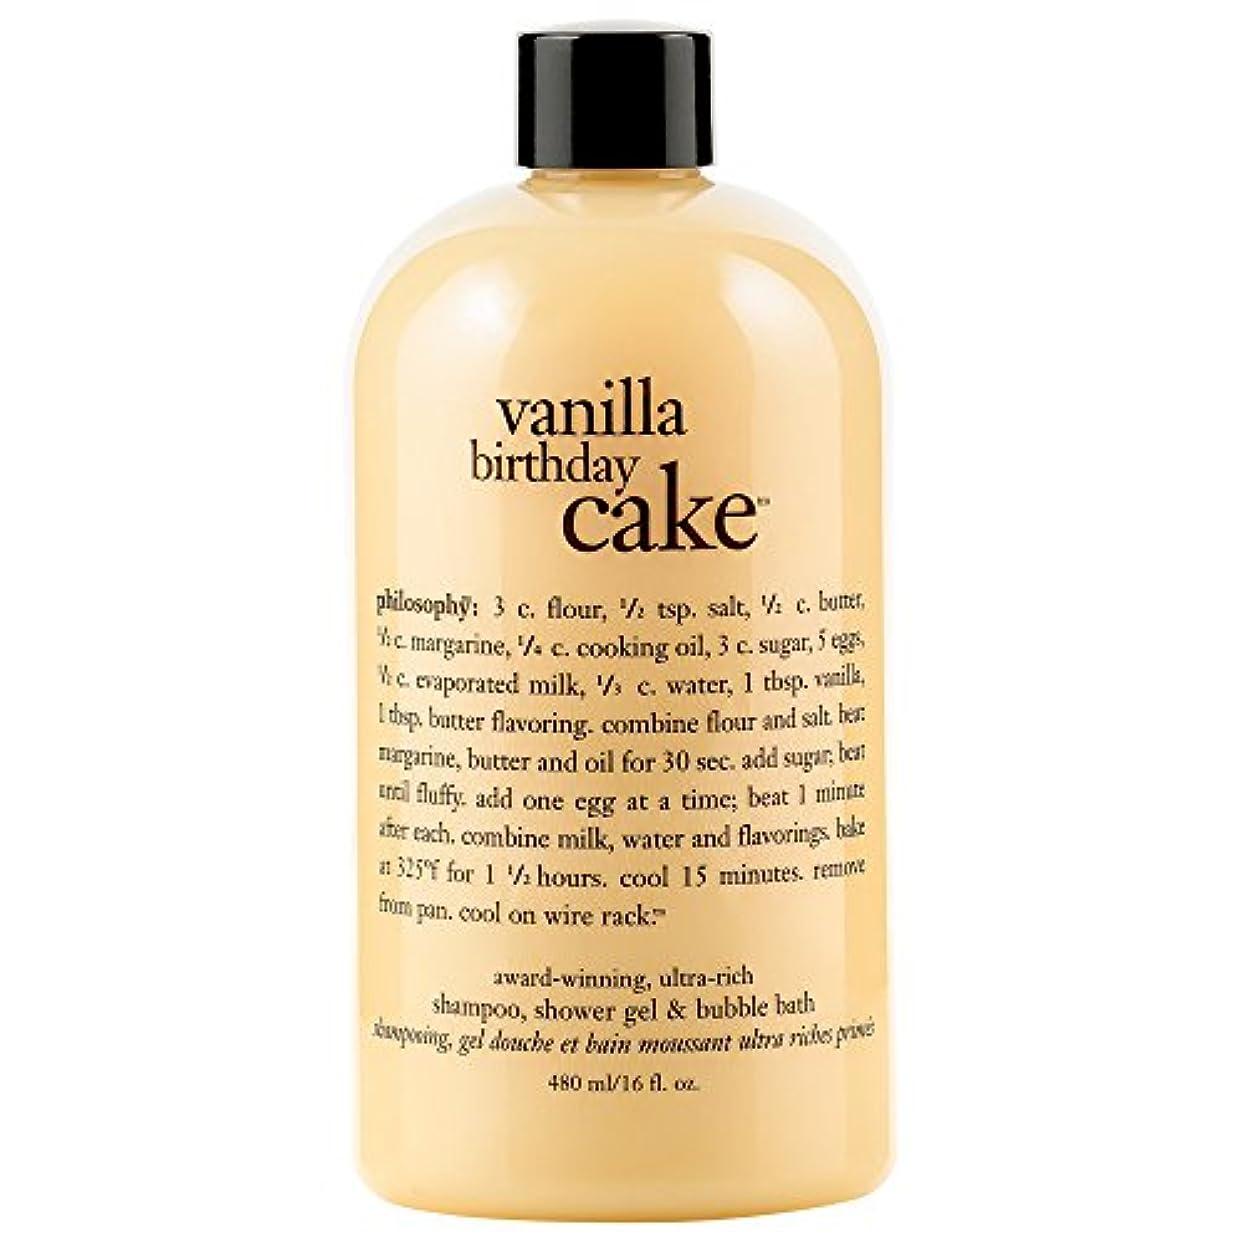 上に築きますタービン通信する哲学バニラバースデーケーキシャンプー/シャワージェル/バブルバス480ミリリットル (Philosophy) - Philosophy Vanilla Birthday Cake Shampoo/Shower Gel/Bubble Bath 480ml [並行輸入品]